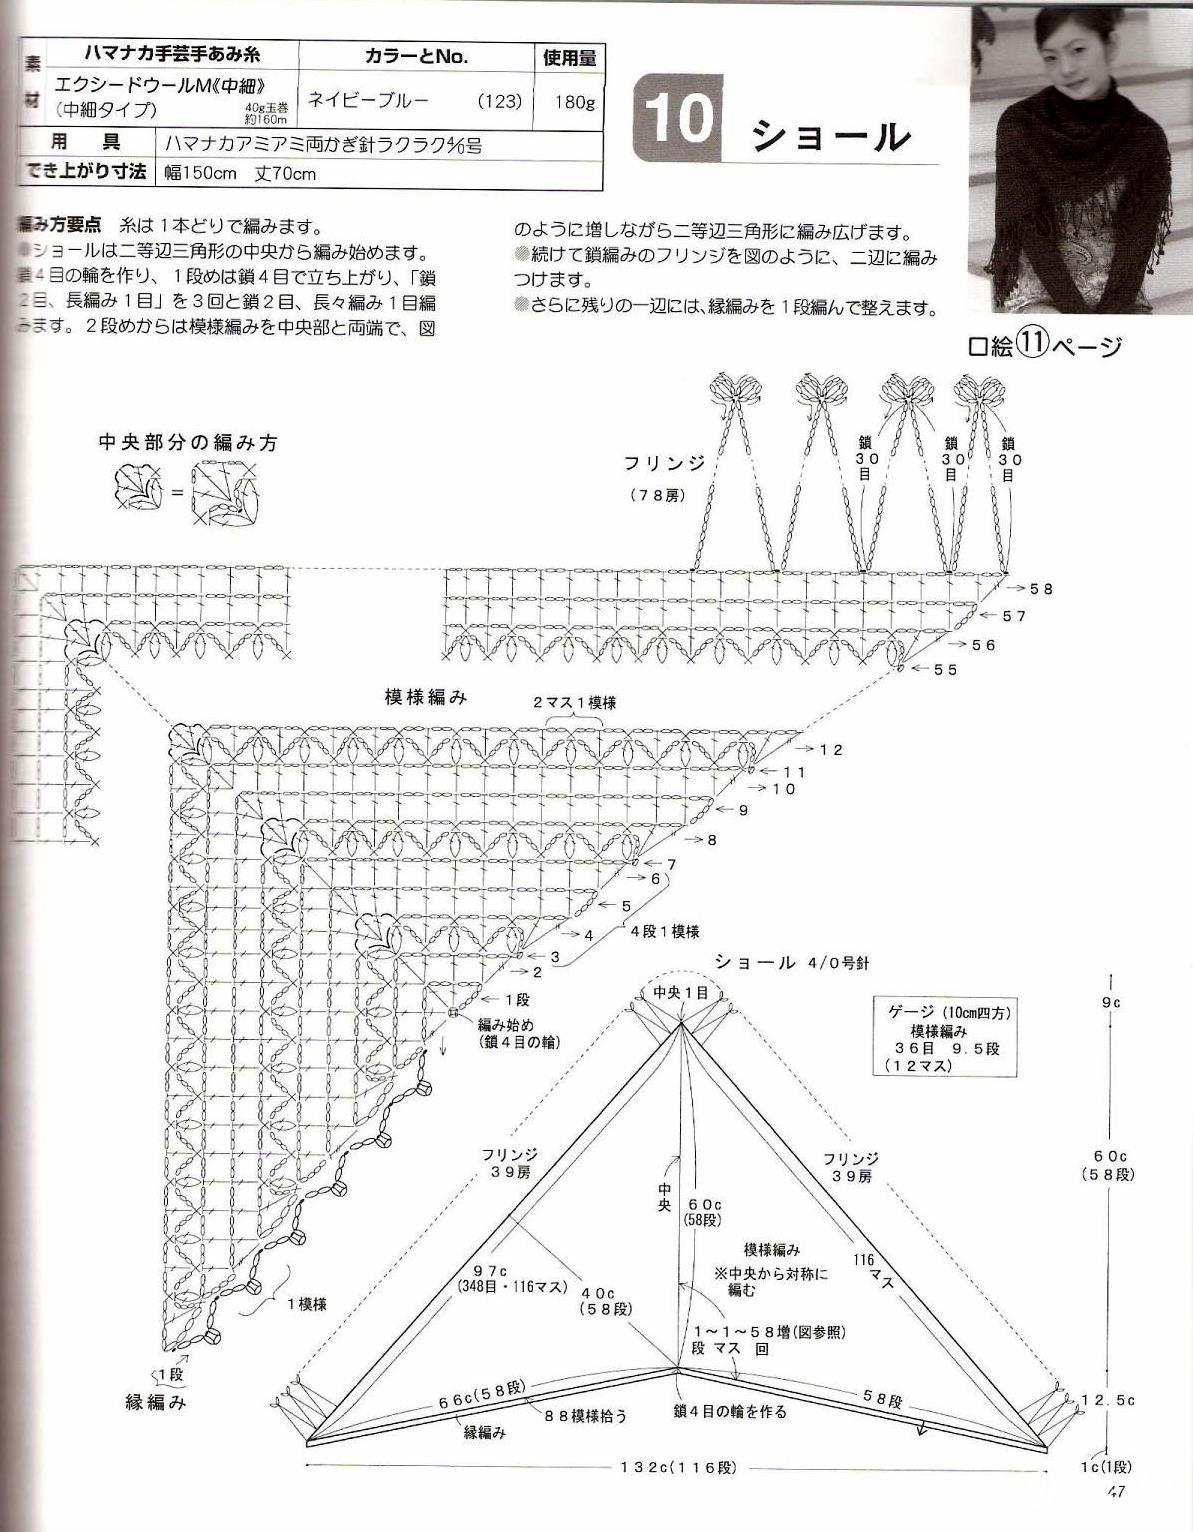 レディブティックシリーズno.2462-11 (1).jpg